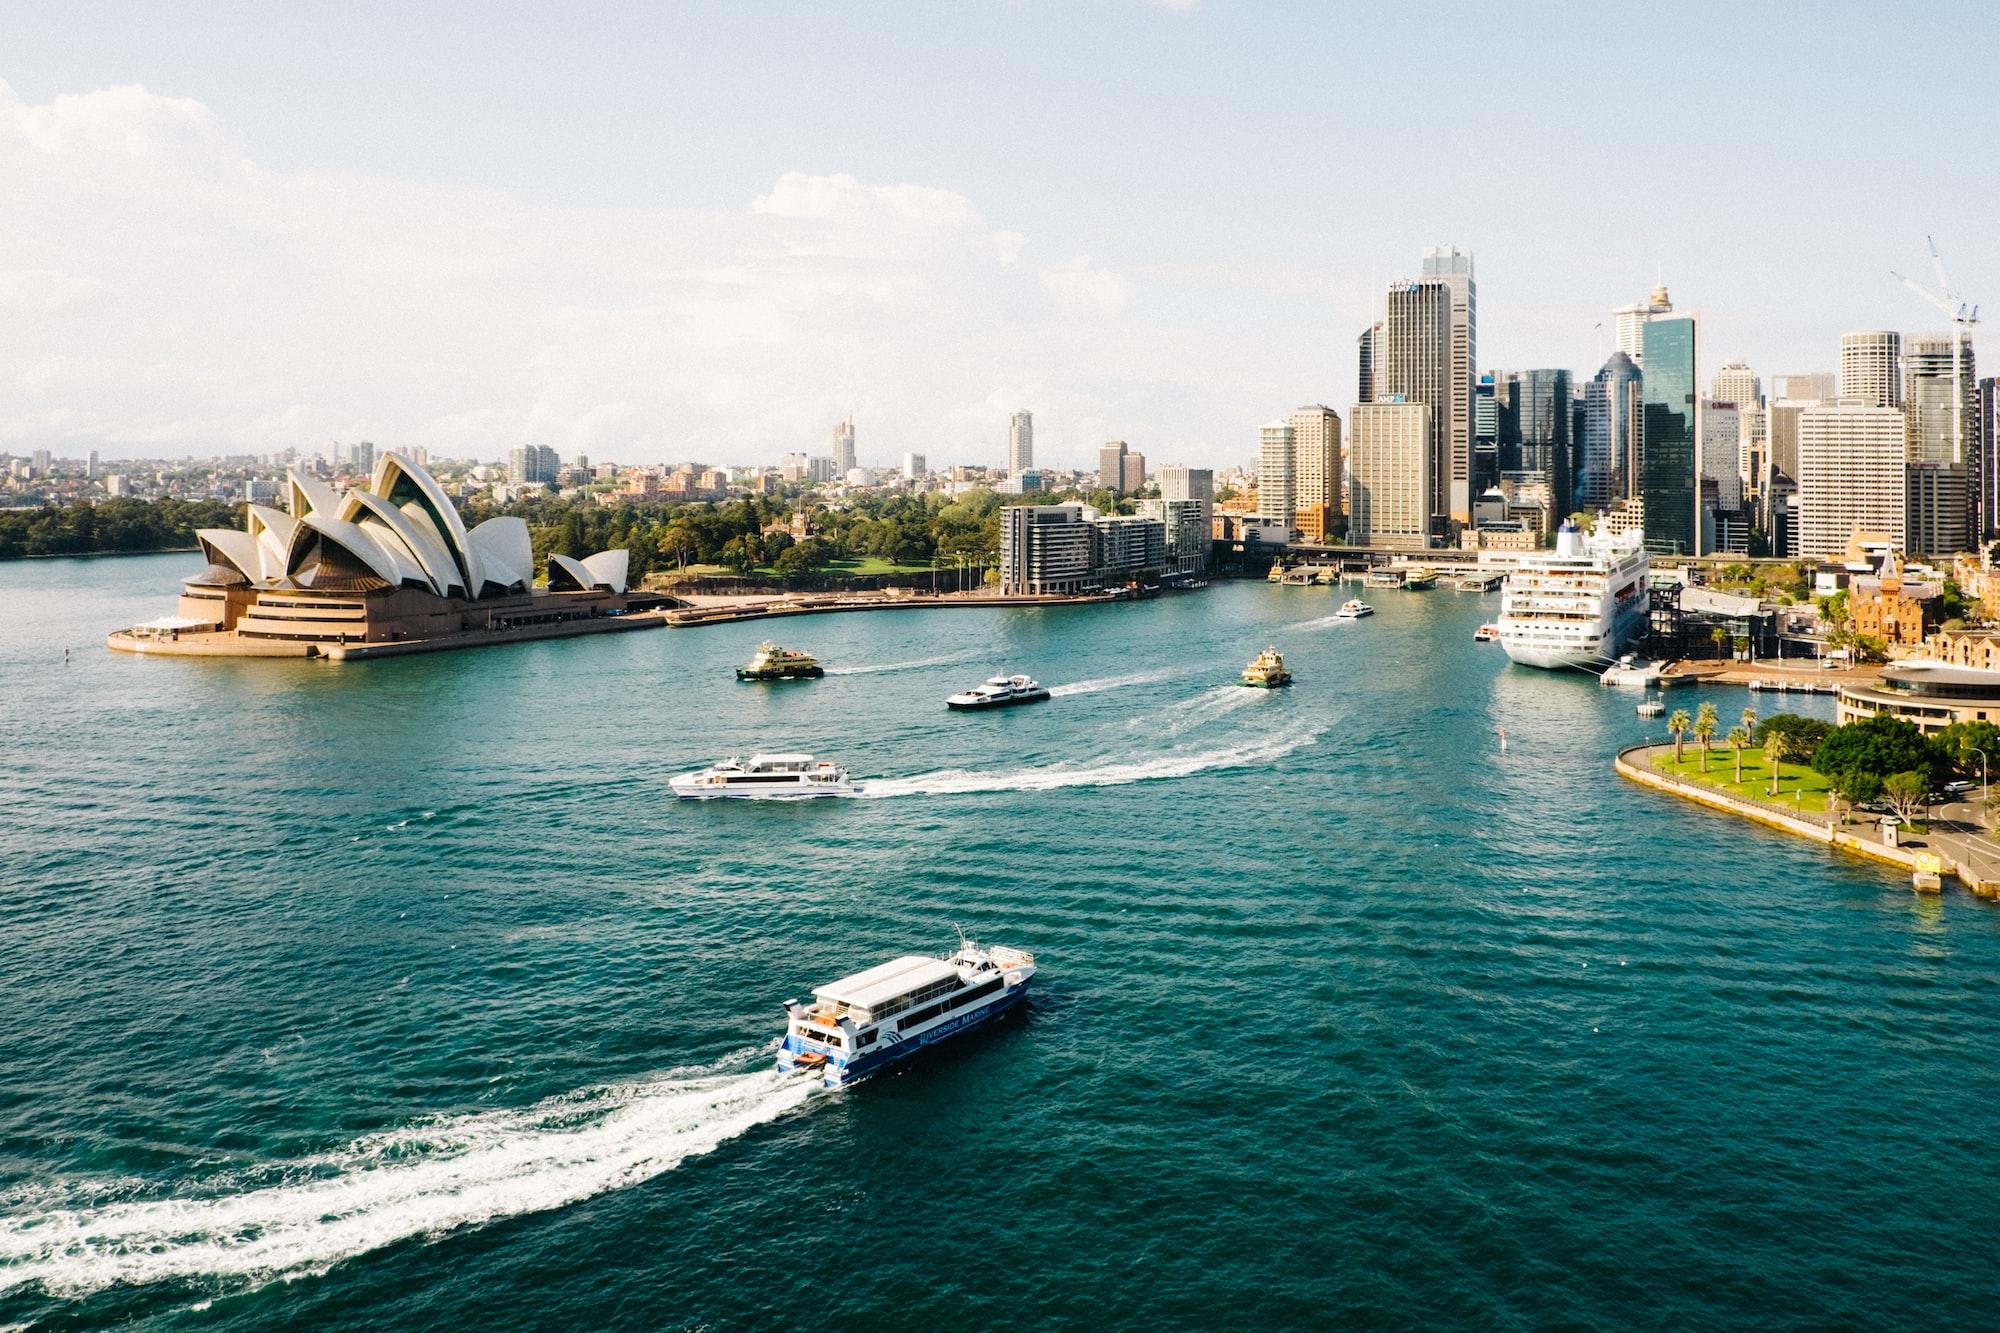 ऑस्ट्रेलिया में 'वैक्सीन पासपोर्ट' व्यवस्था होगी लागू